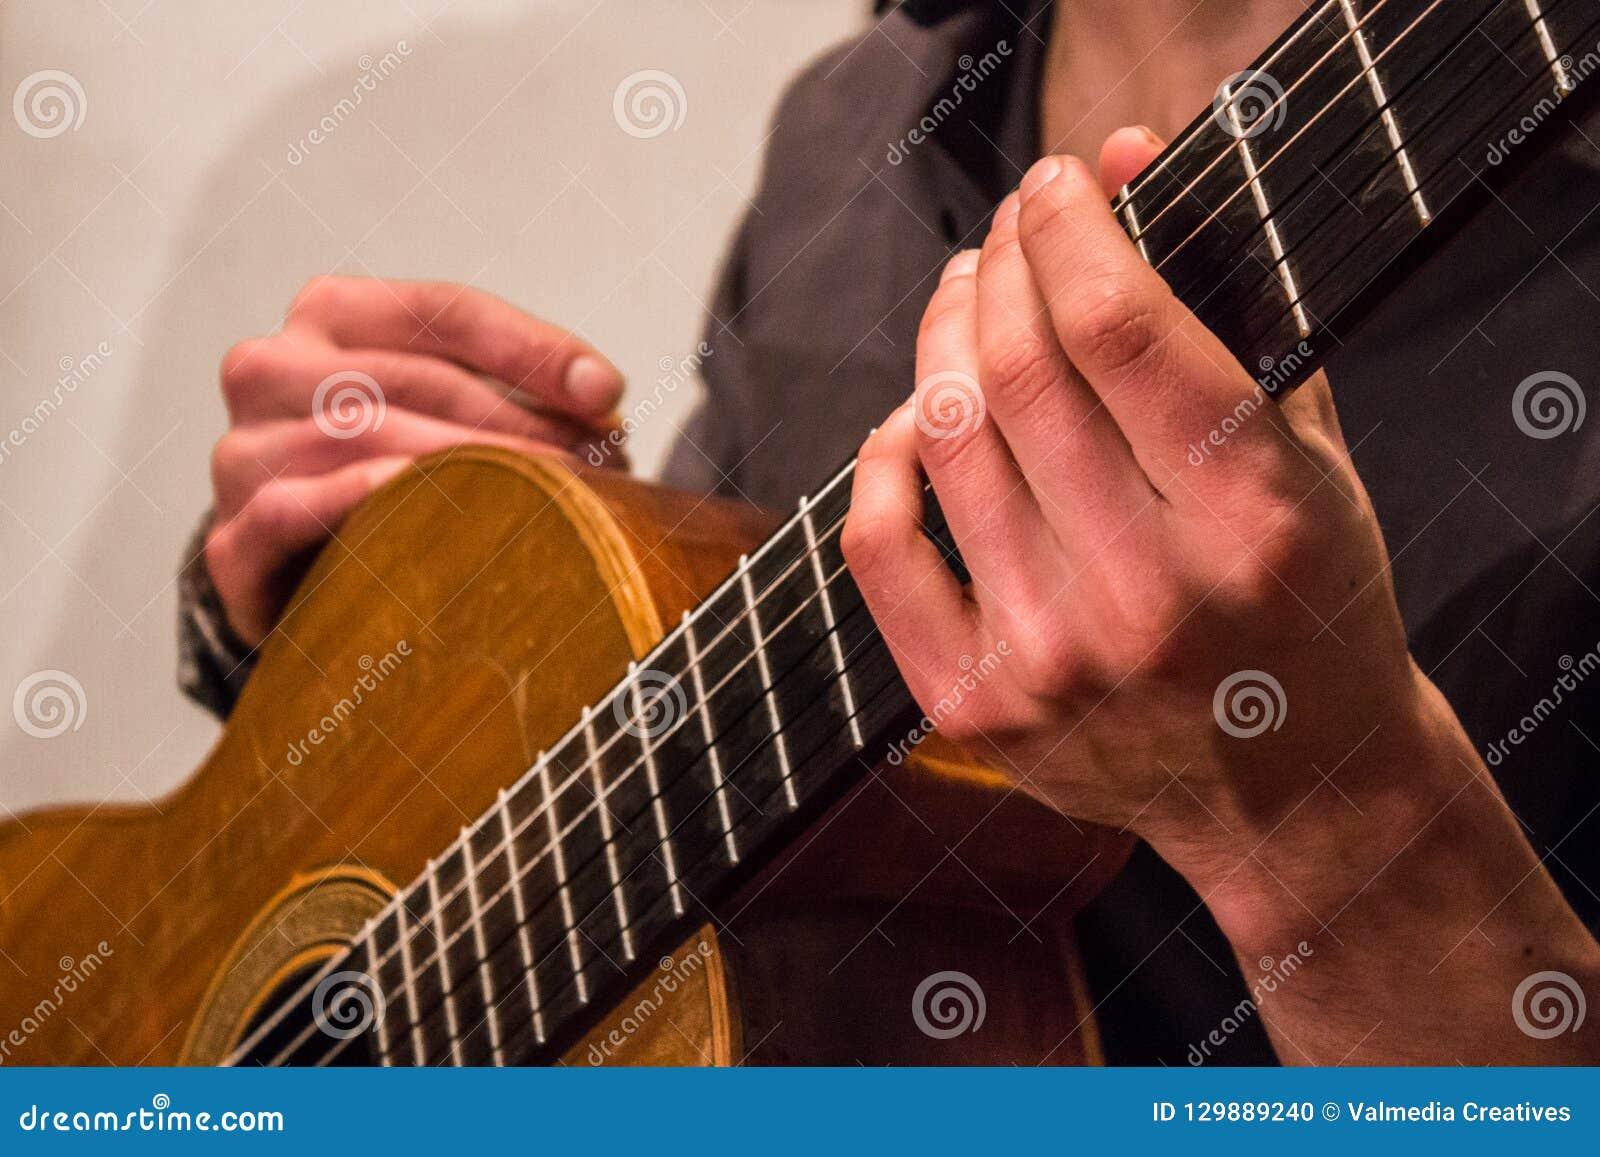 Le guitariste de l appartenance ethnique mélangée tient une vieille guitare classique faite main